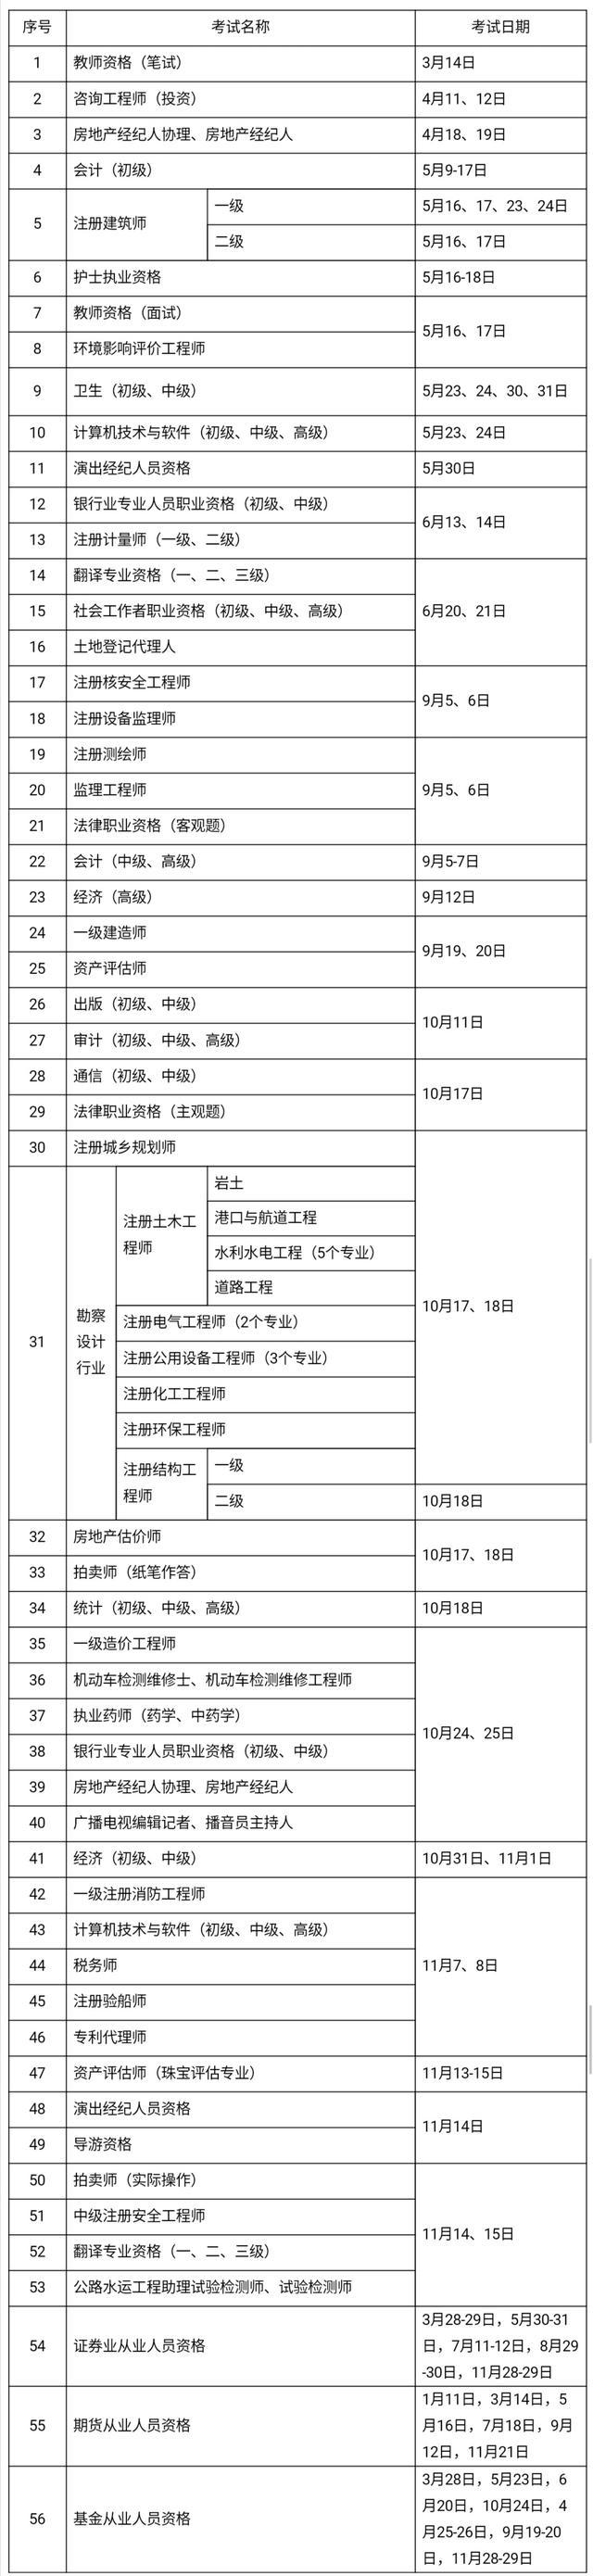 2020年考证时间表 教师、会计、法律等56项职业资格考试日期确定